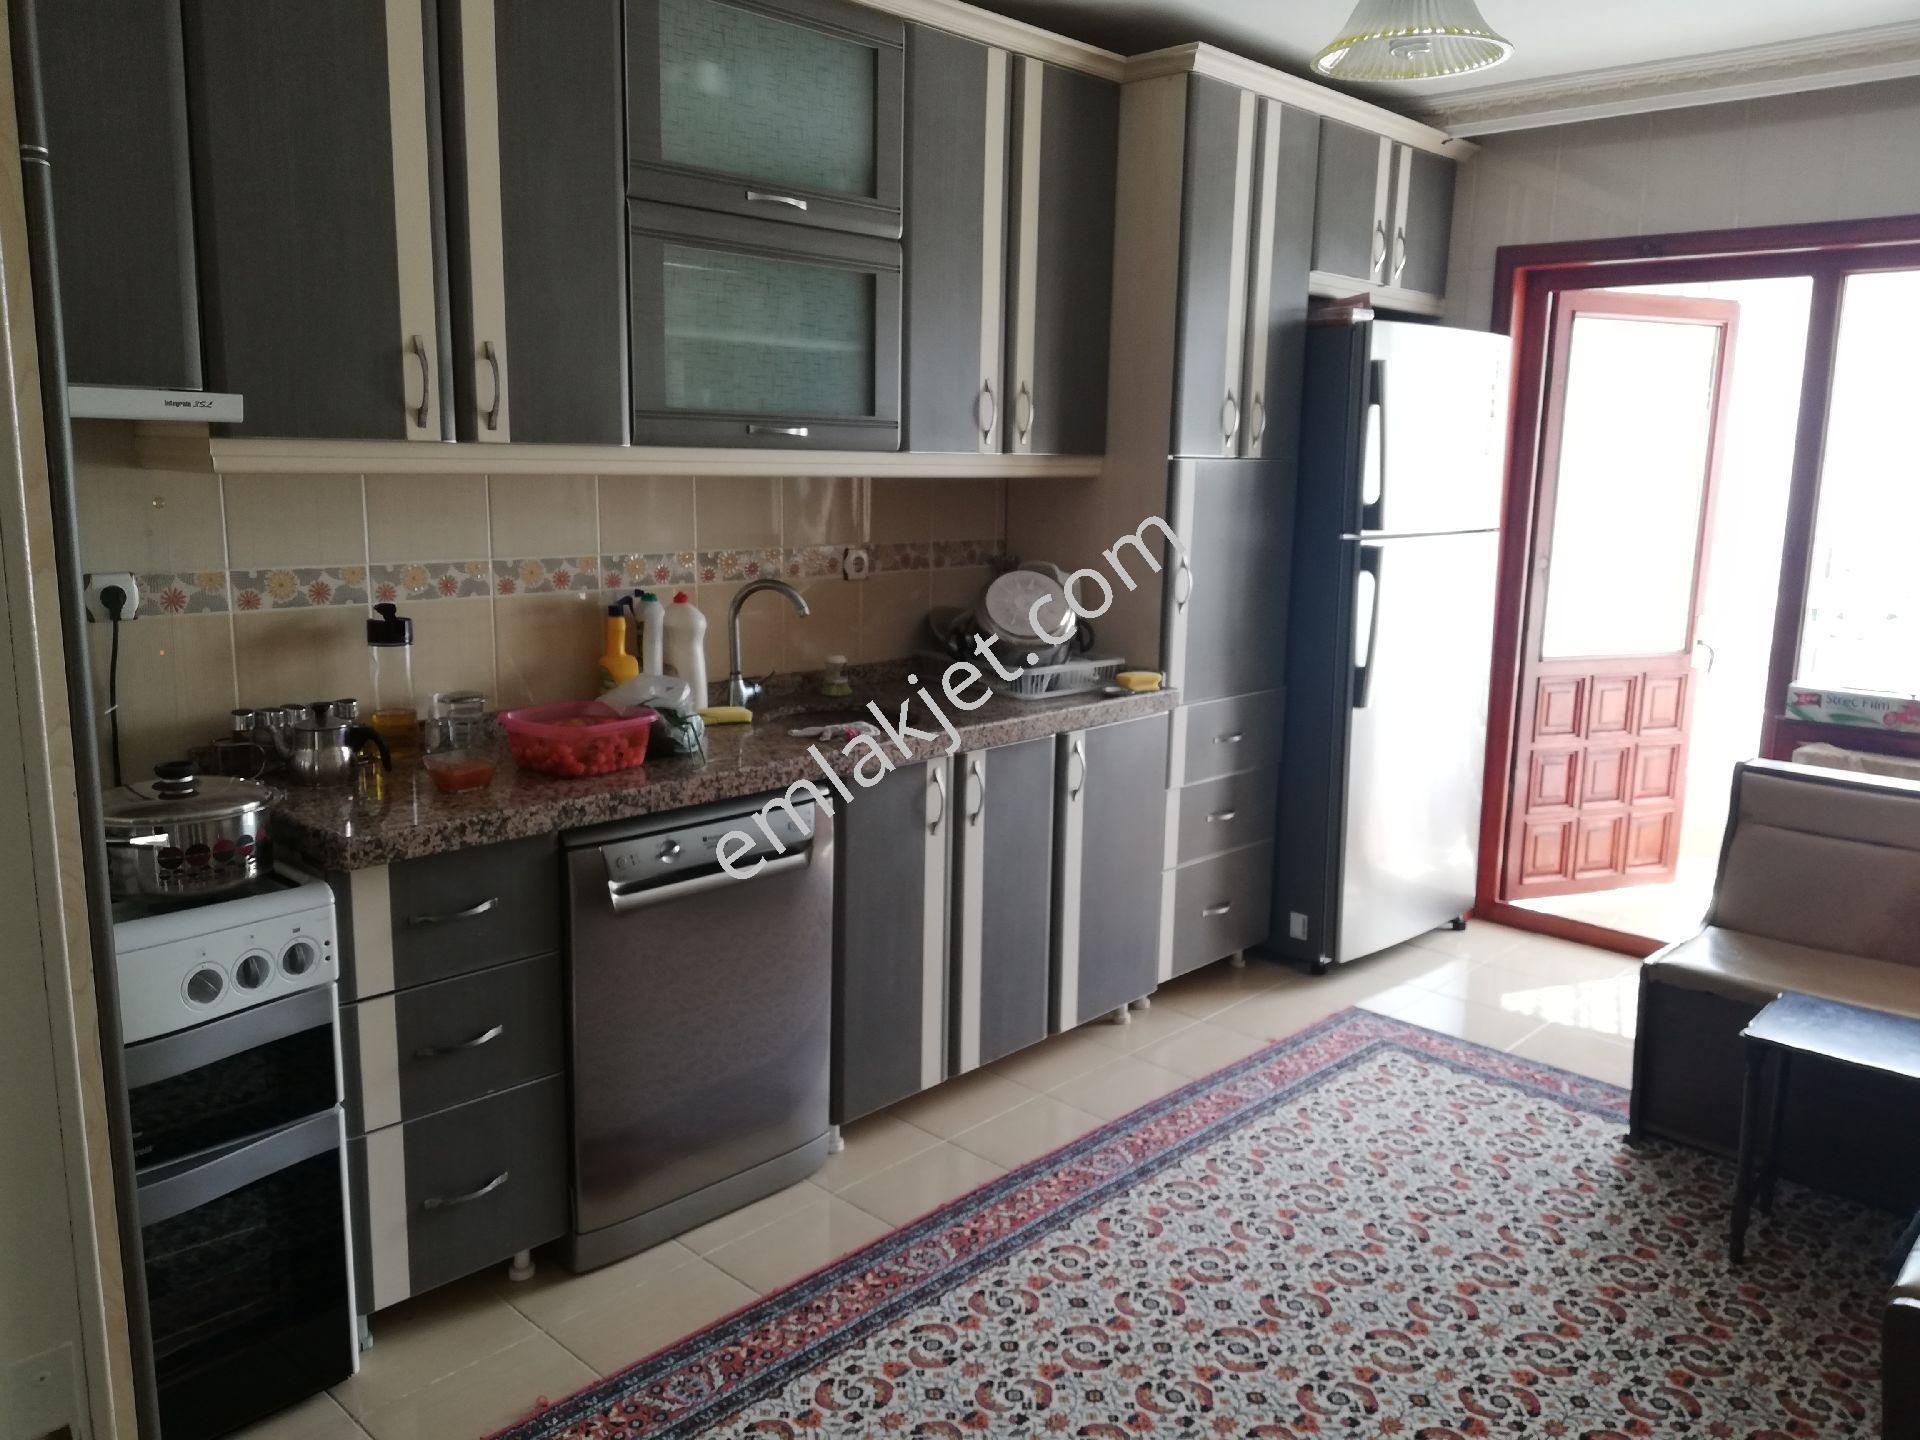 Emlakçıdan Ankara Keçiören Aktepe Mahallesi 3+1 Satılık Daire 330.000 TL  #7338726